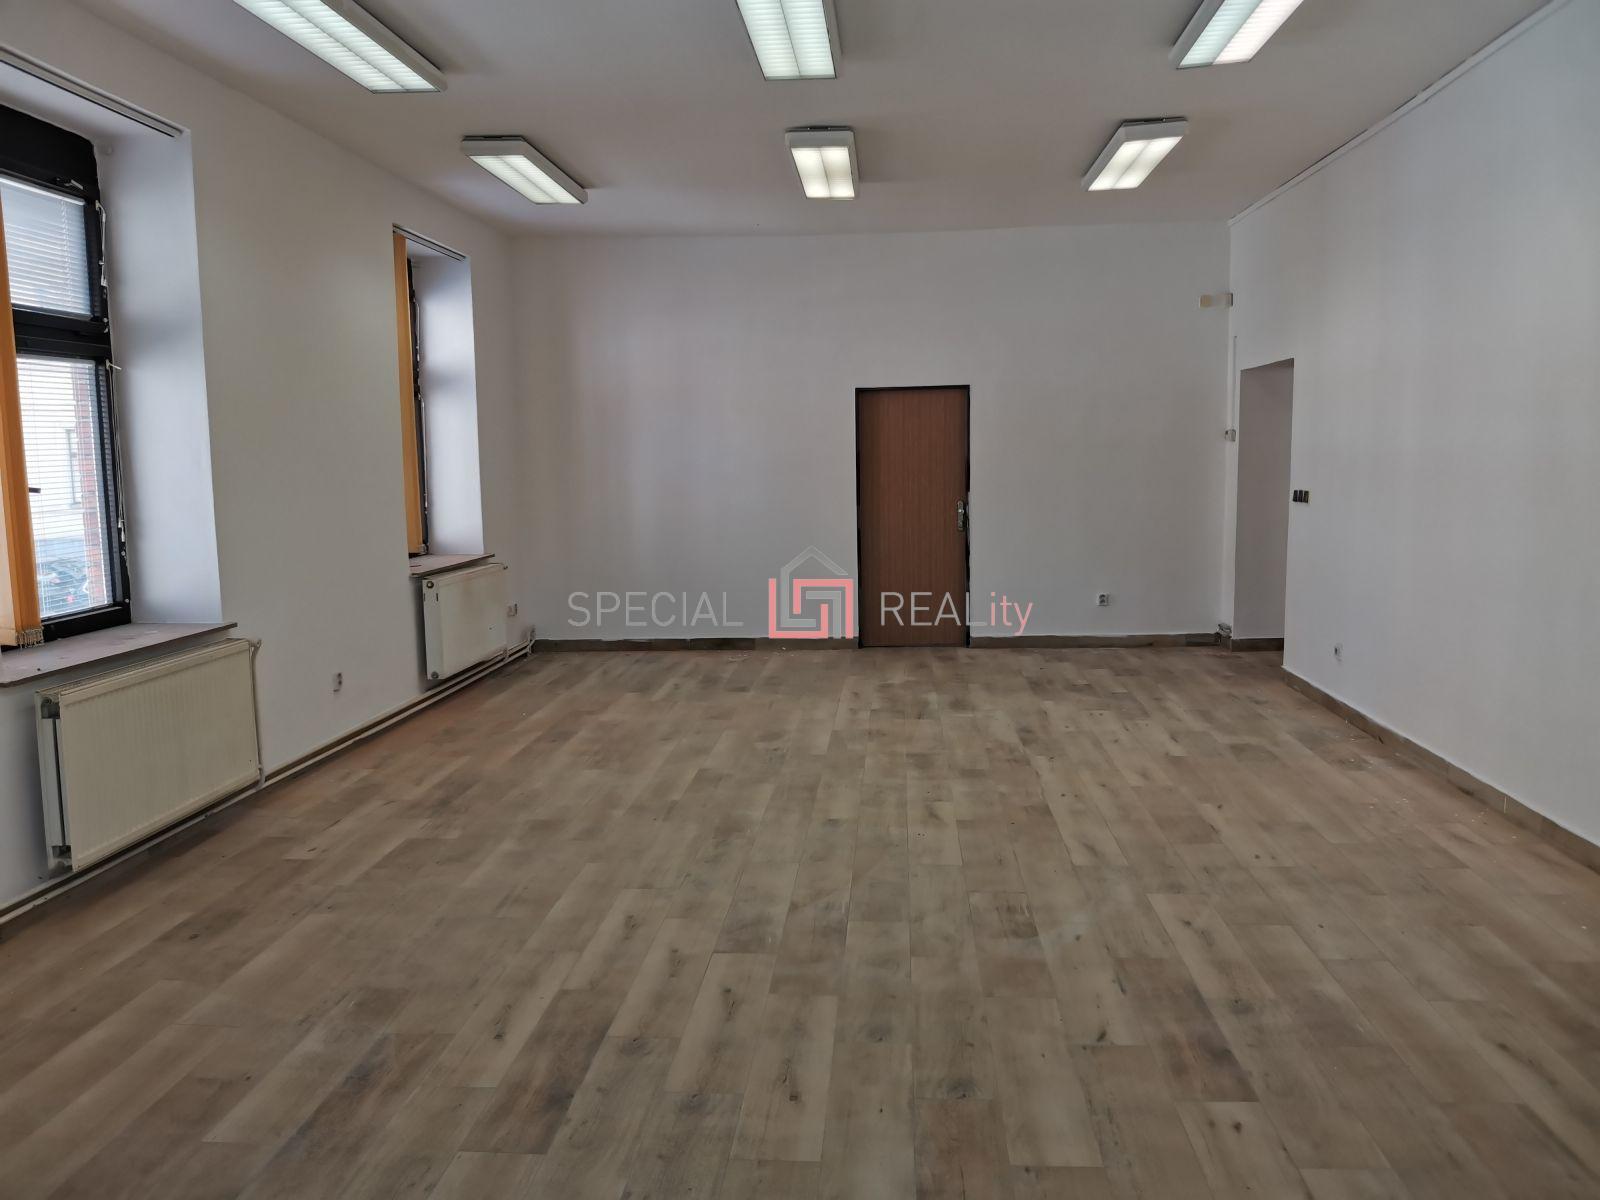 Pronájem kanceláře 63 m, ul. Masná, Moravská Ostrava